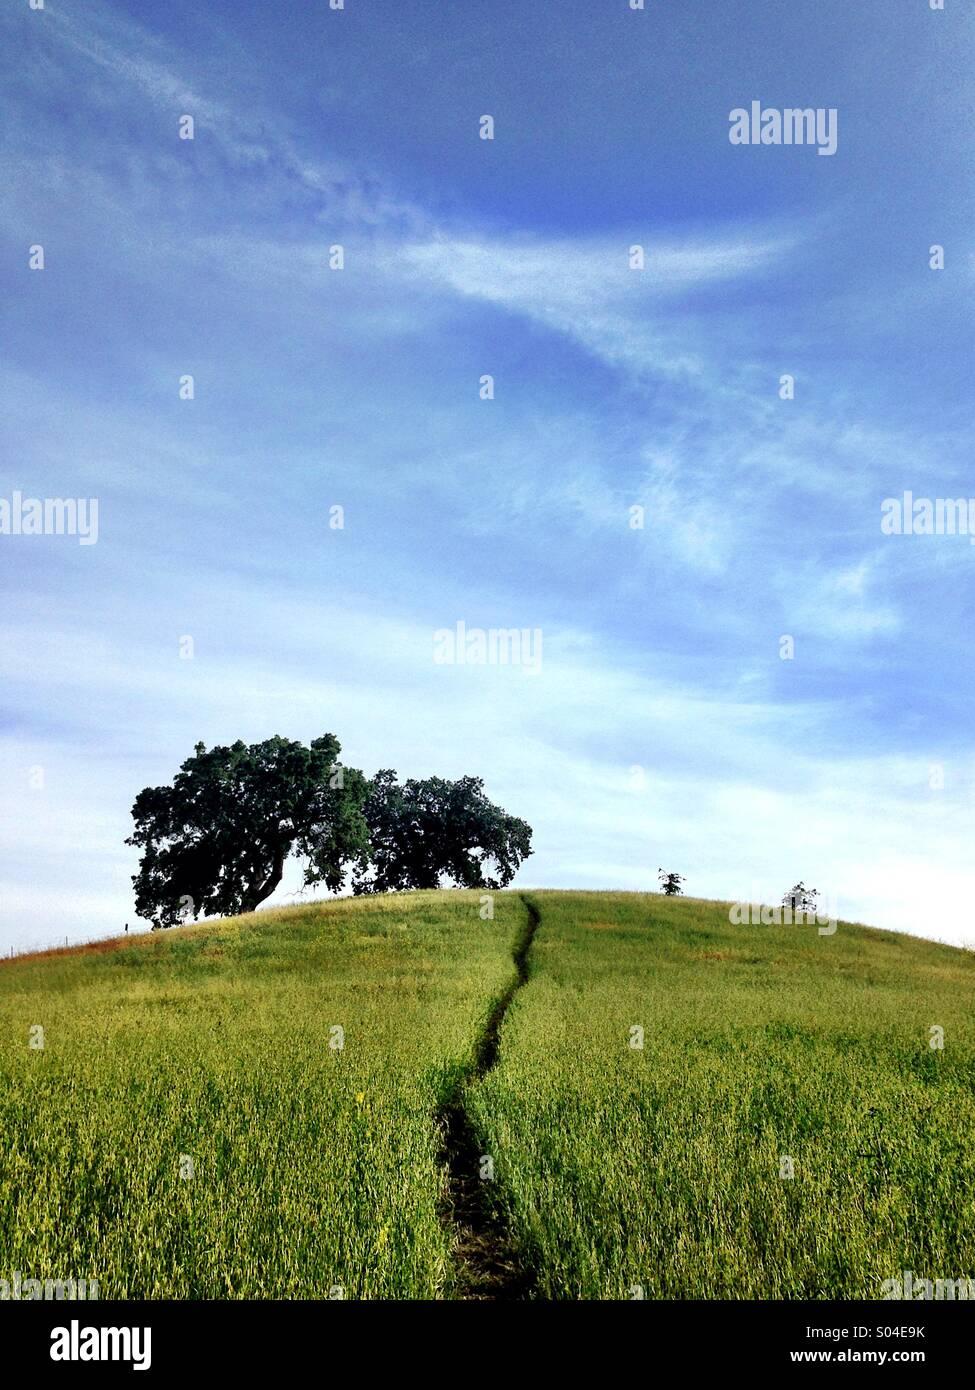 Ruta a través de la colina de hierba en la parte superior del árbol de roble. Imagen De Stock